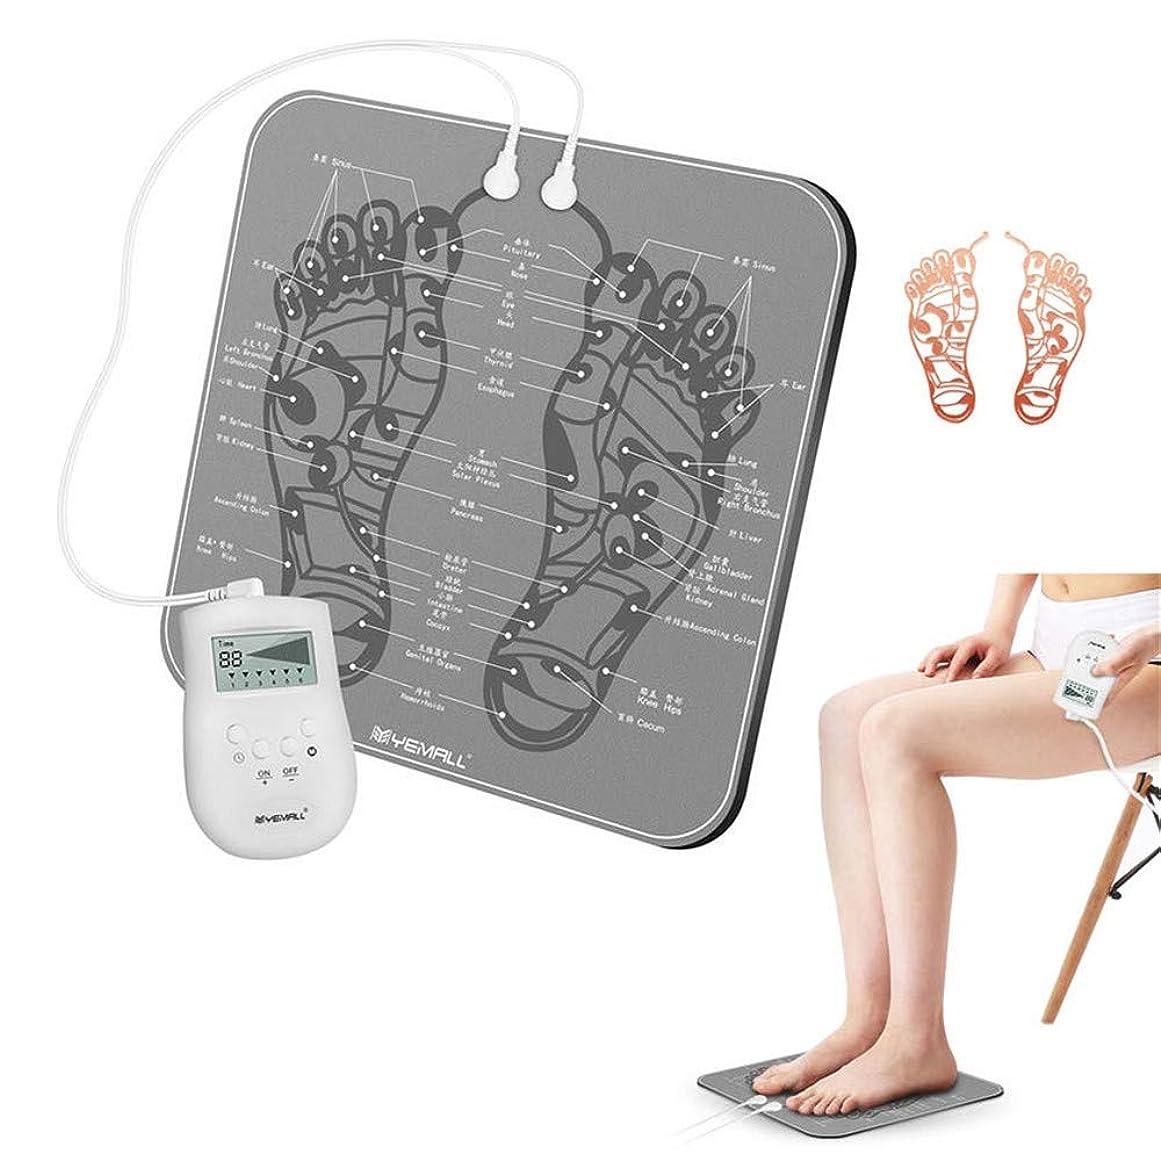 処理花嫁所得充電式EMSインテリジェントフットマッサージ機折り畳み式のリモートコントロール足の筋肉刺激は、血液循環を促進します,銀